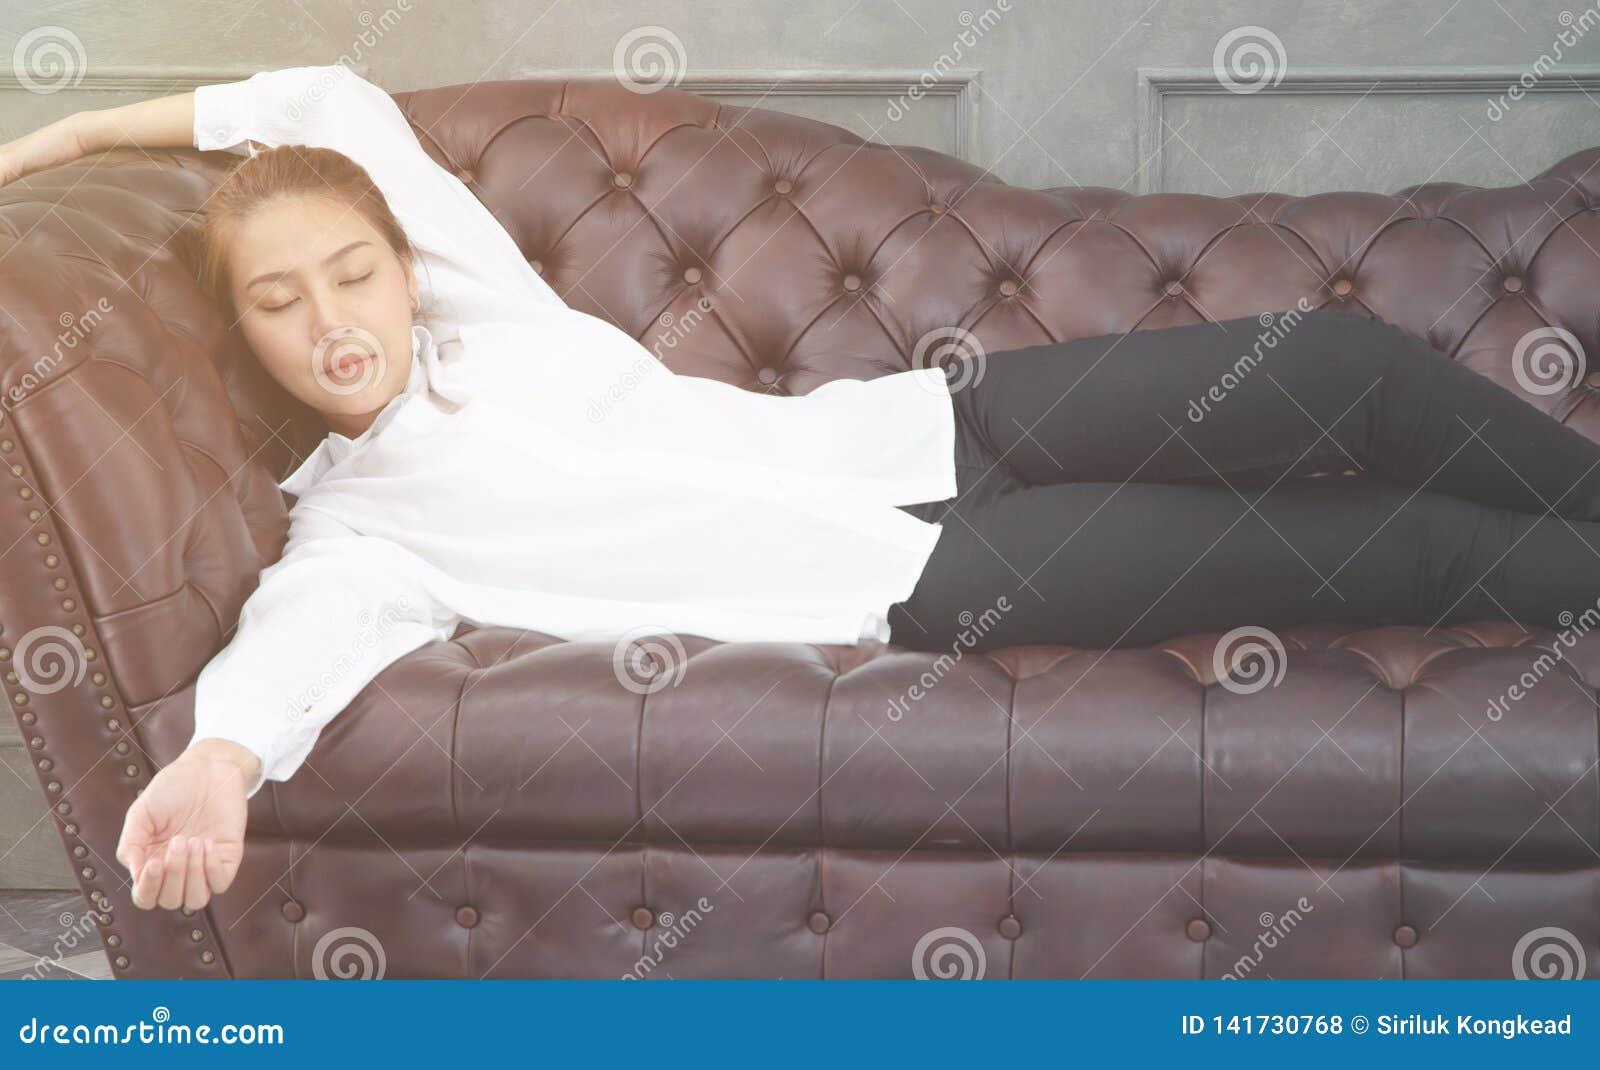 Las mujeres que llevan una camisa blanca ella está durmiendo en el sofá